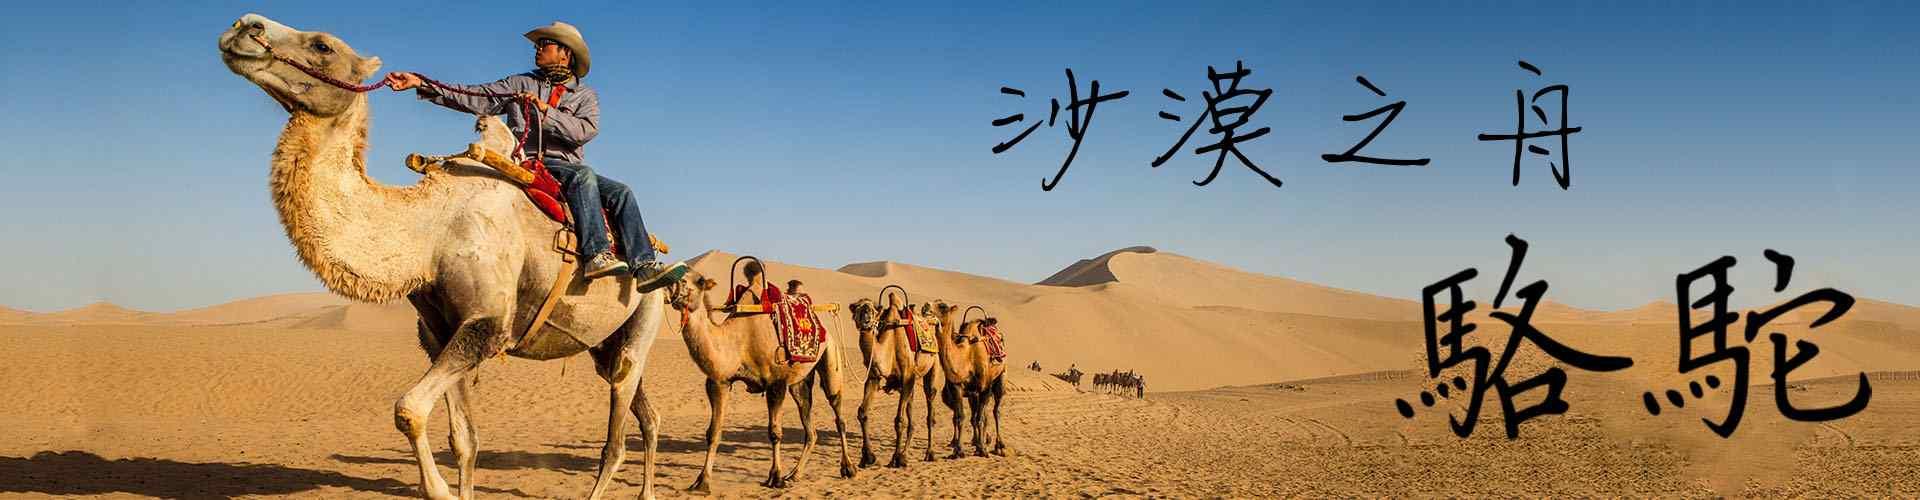 骆驼_骆驼图片_沙漠骆驼图片_骆驼桌面壁纸、手机壁纸_骆驼动物壁纸